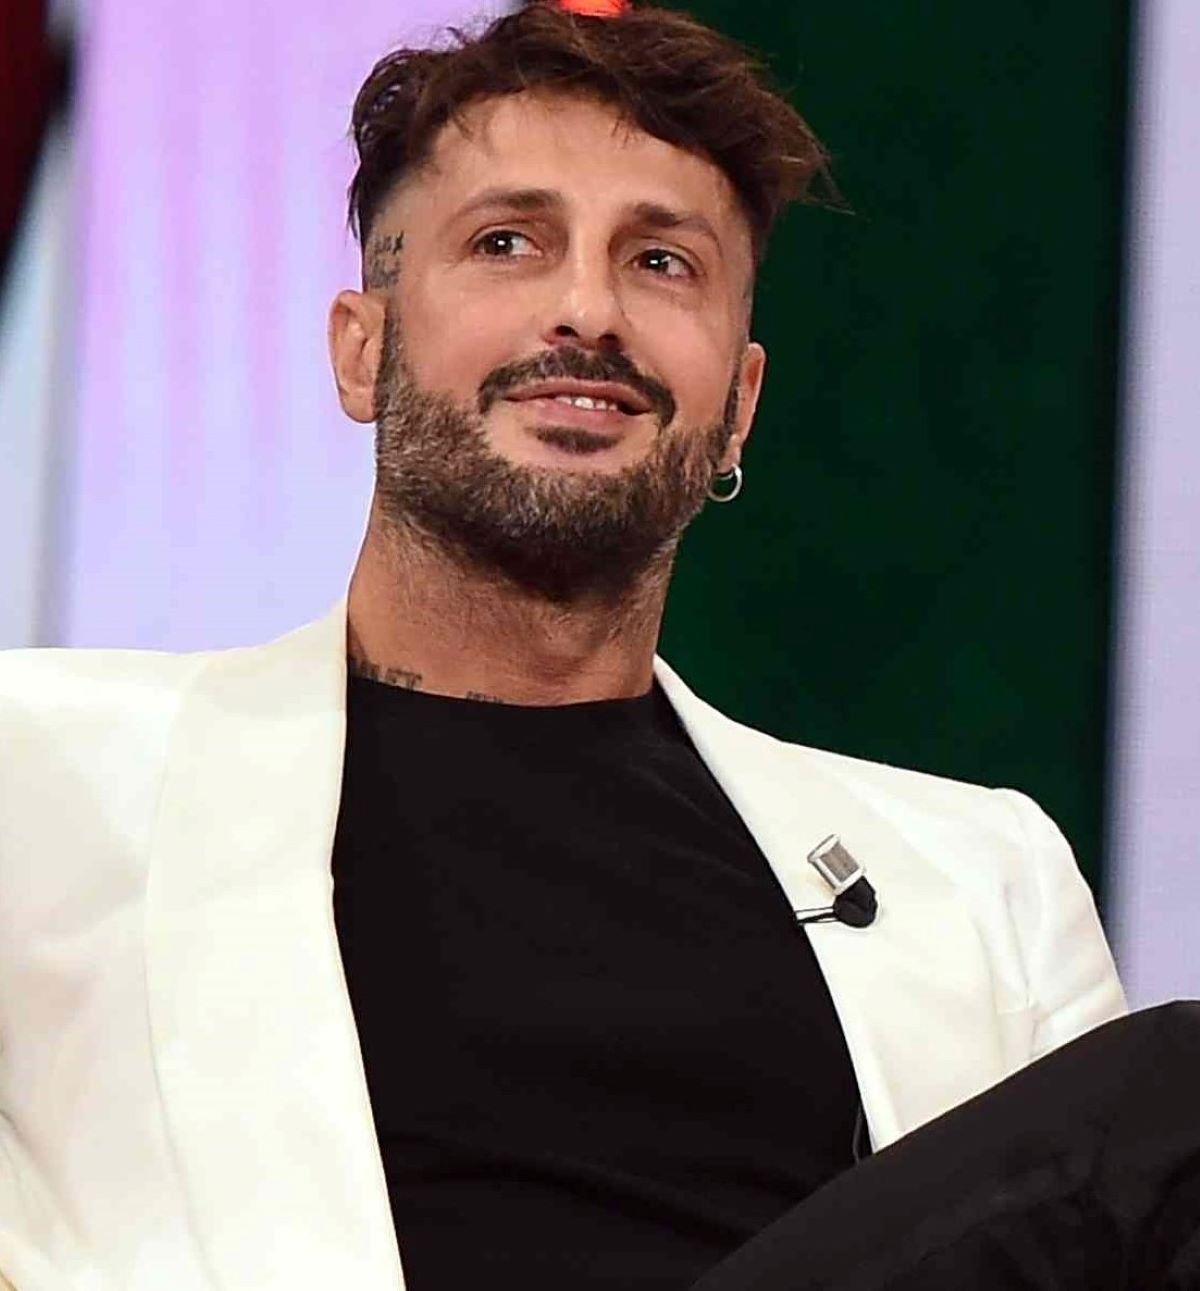 Fabrizio Corona Frase Hot Chiara Ferragni Attacco